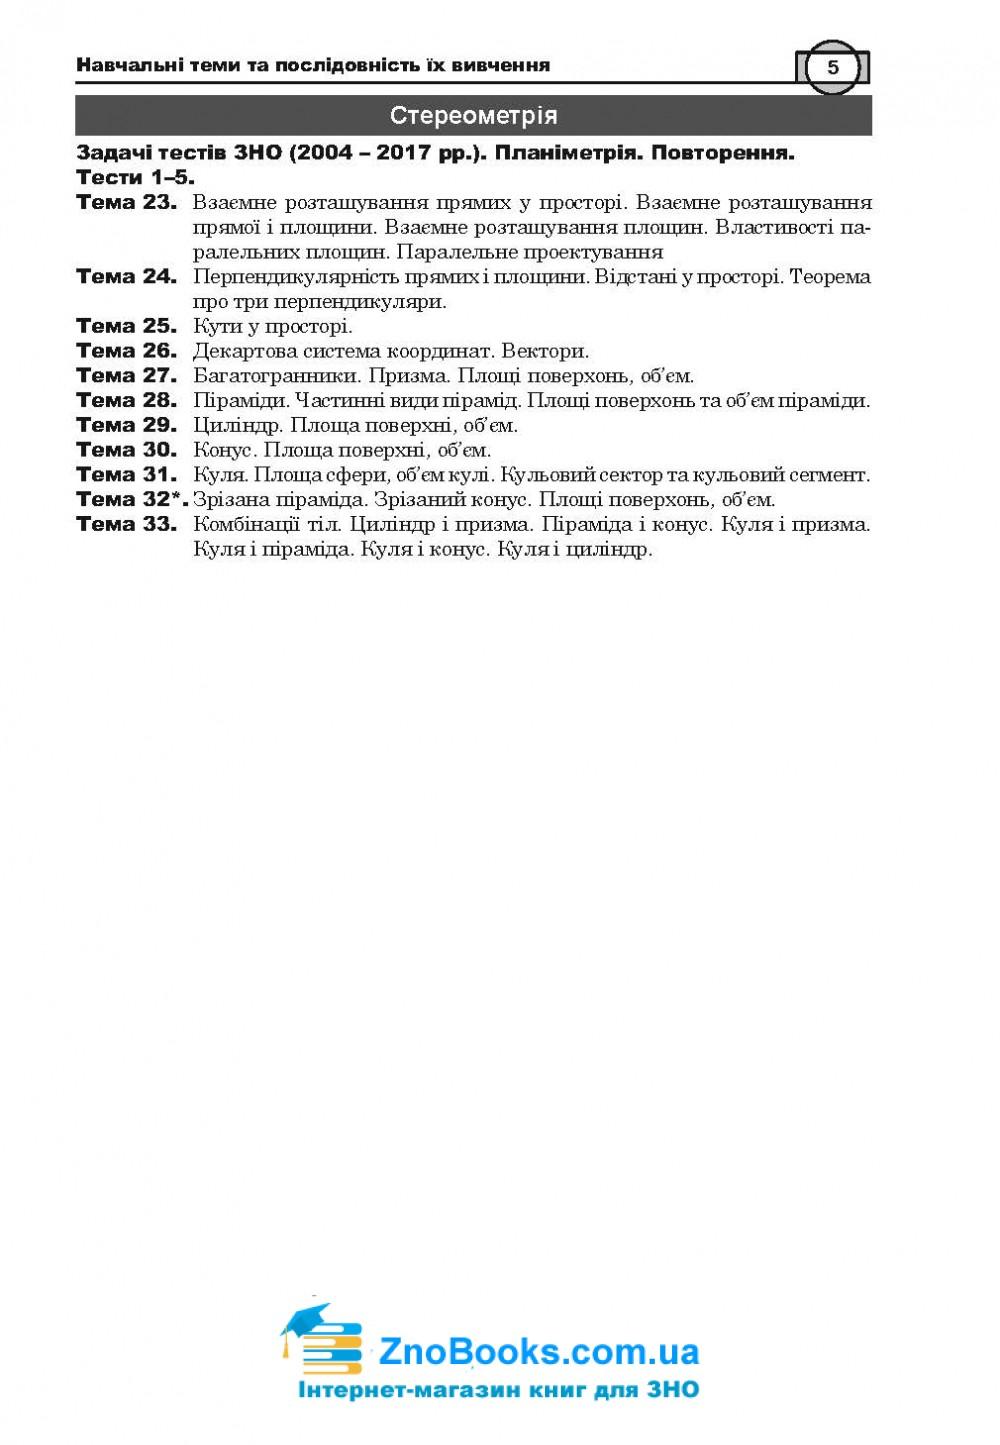 Математика ЗНО тестові завдання . Частина ІV - стереометрія : Клочко І. Я. Навчальна книга - Богдан. купити 5